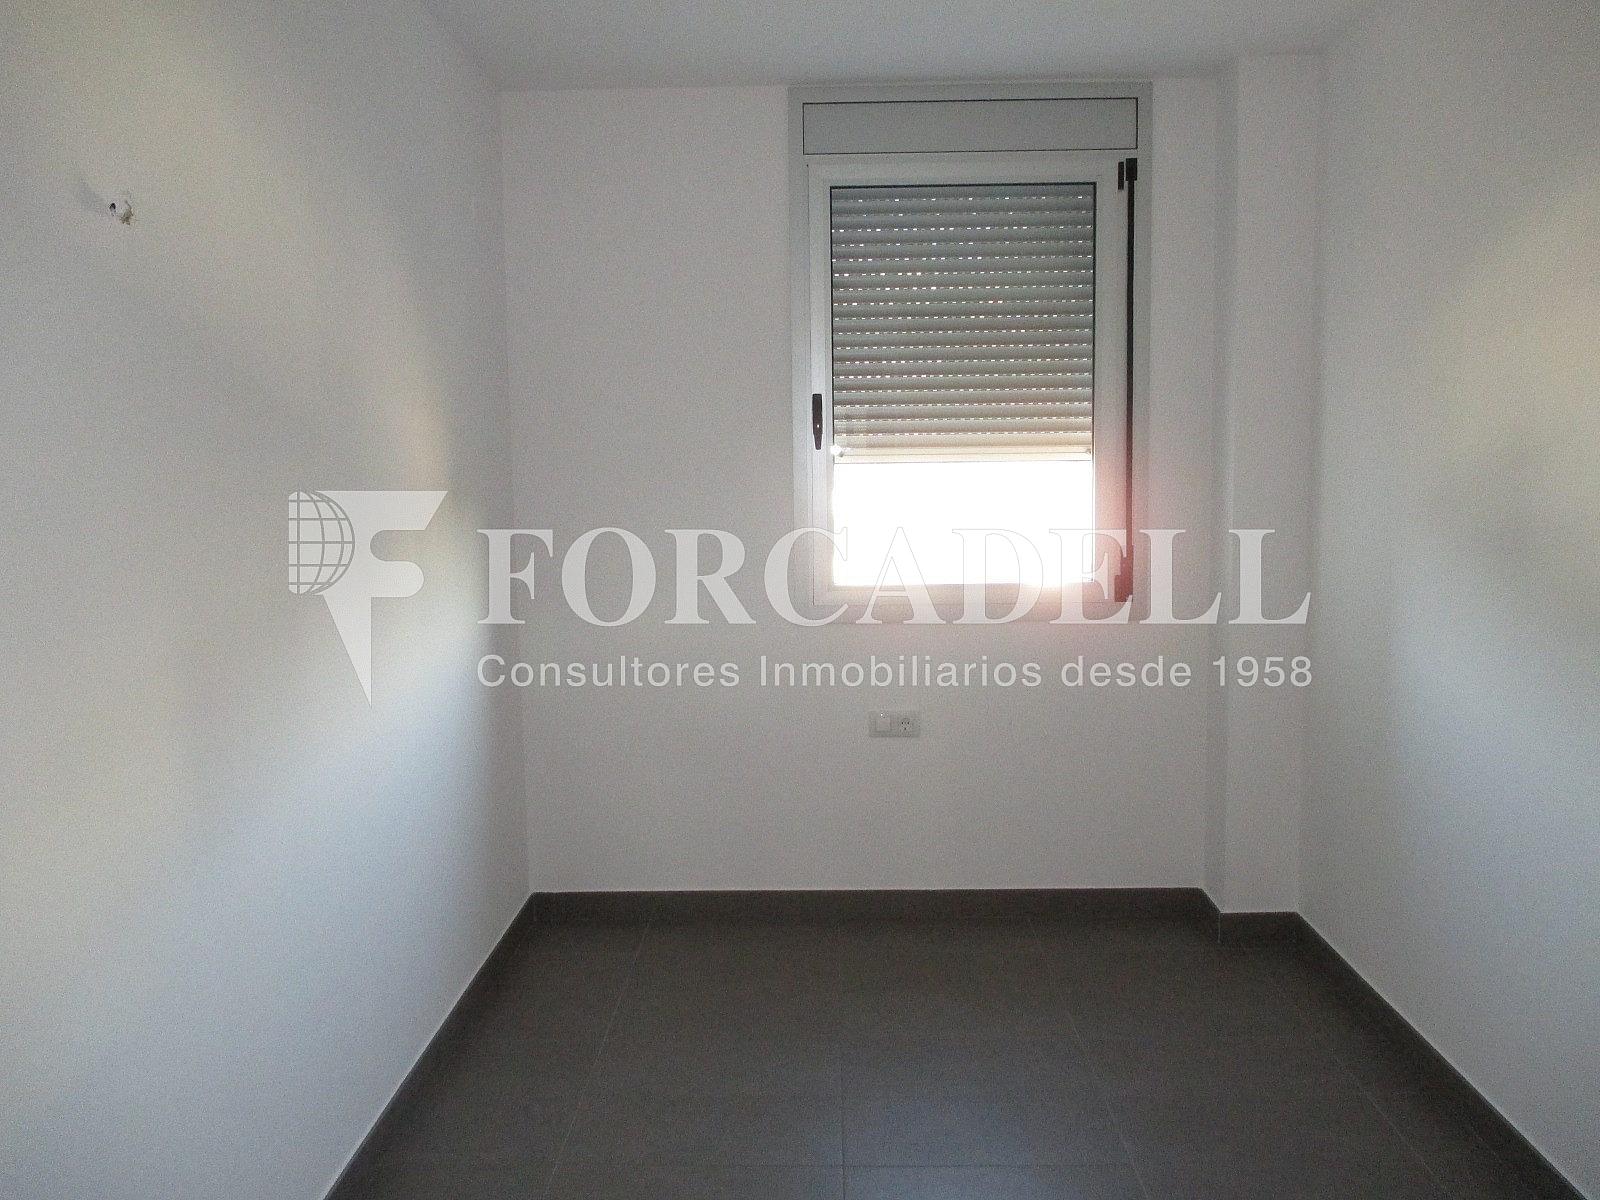 IMG_2674 - Piso en alquiler en calle Merce Rodoreda, Can clota en Esplugues de Llobregat - 331432062